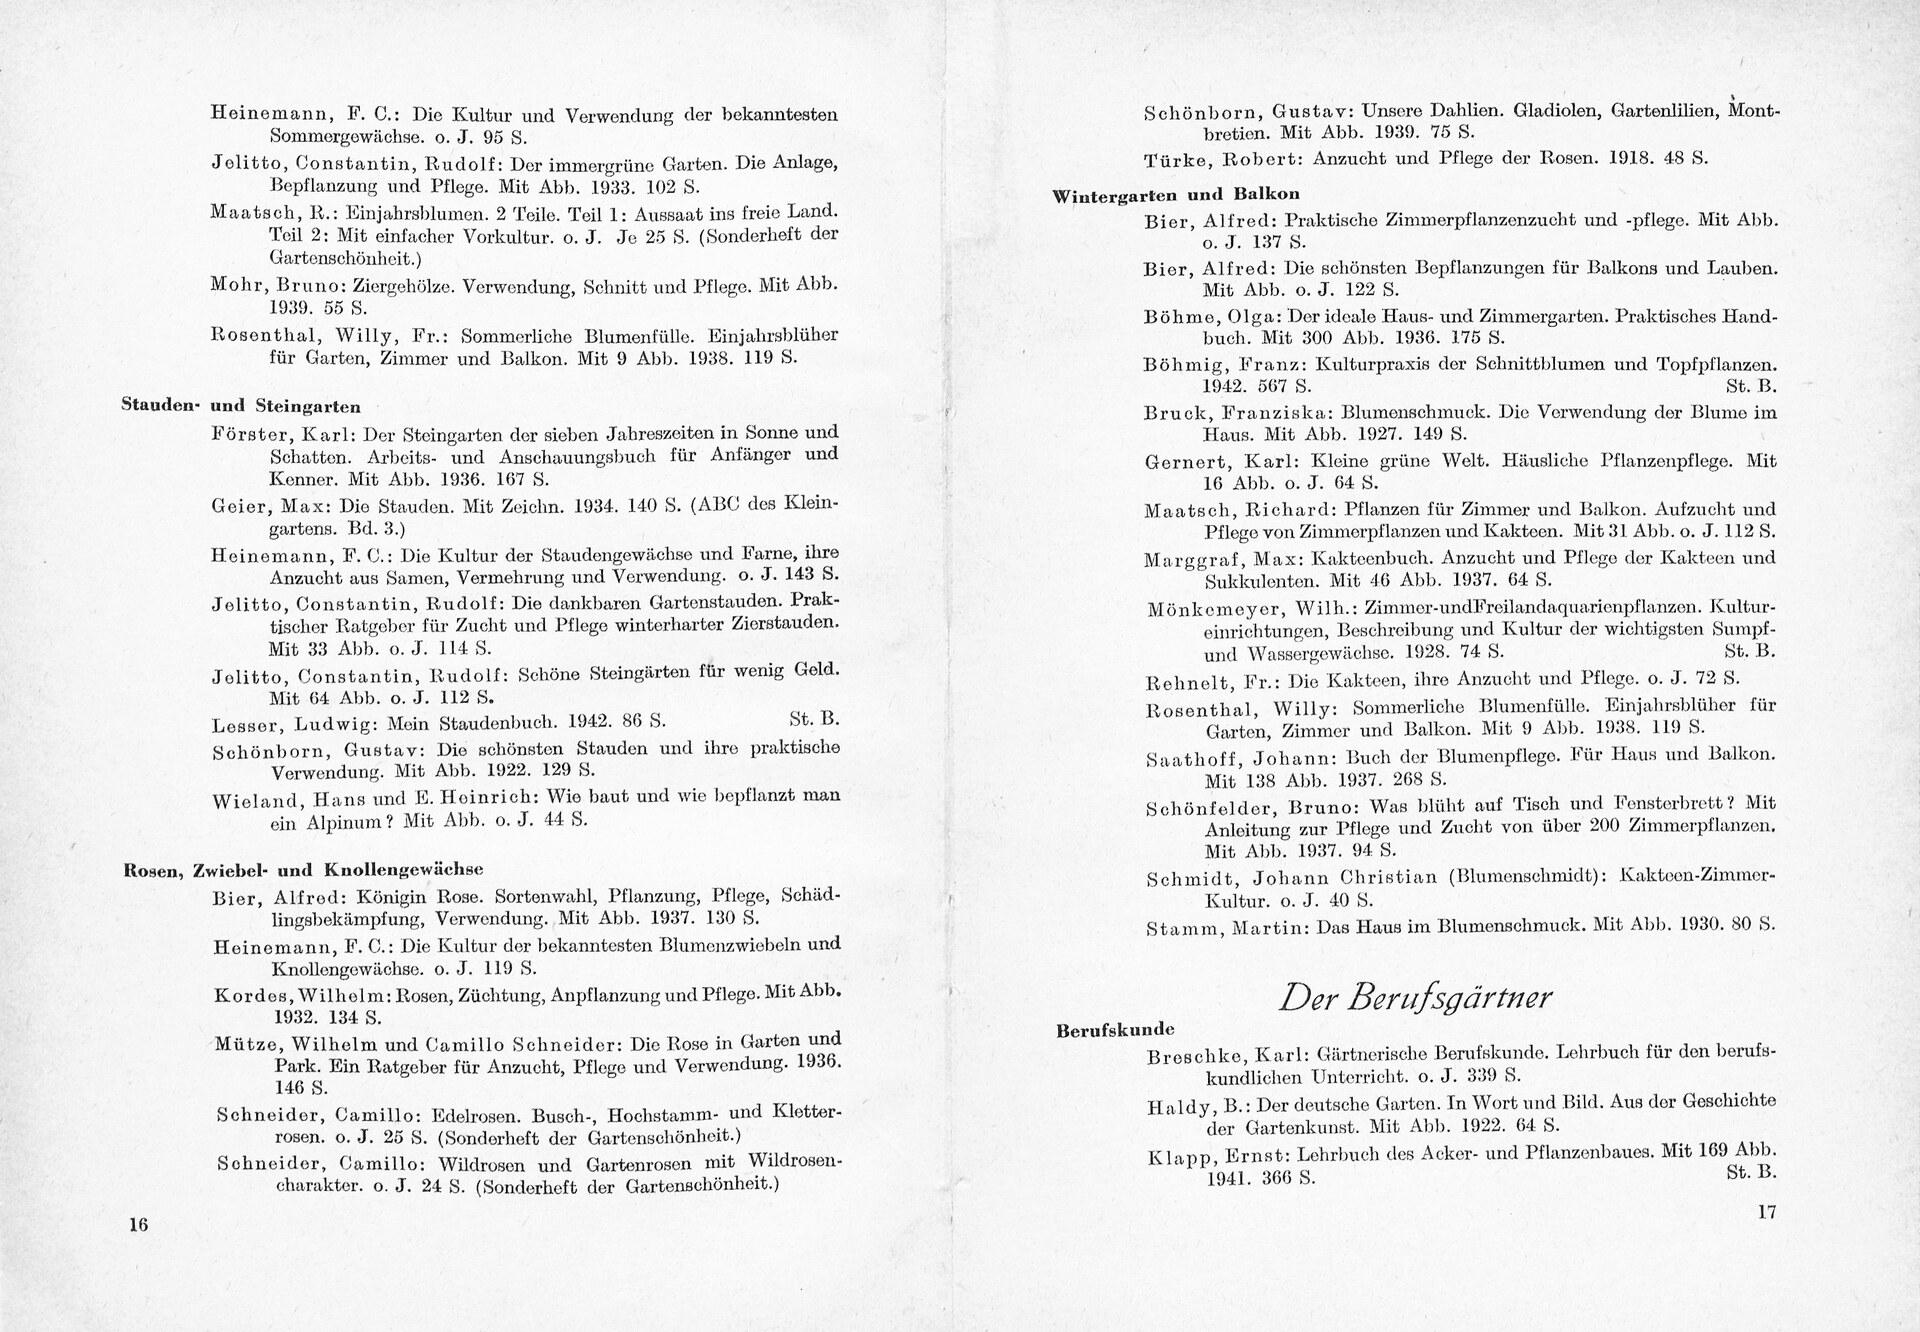 Auswahlverzeichnis.17.16.17.jpg